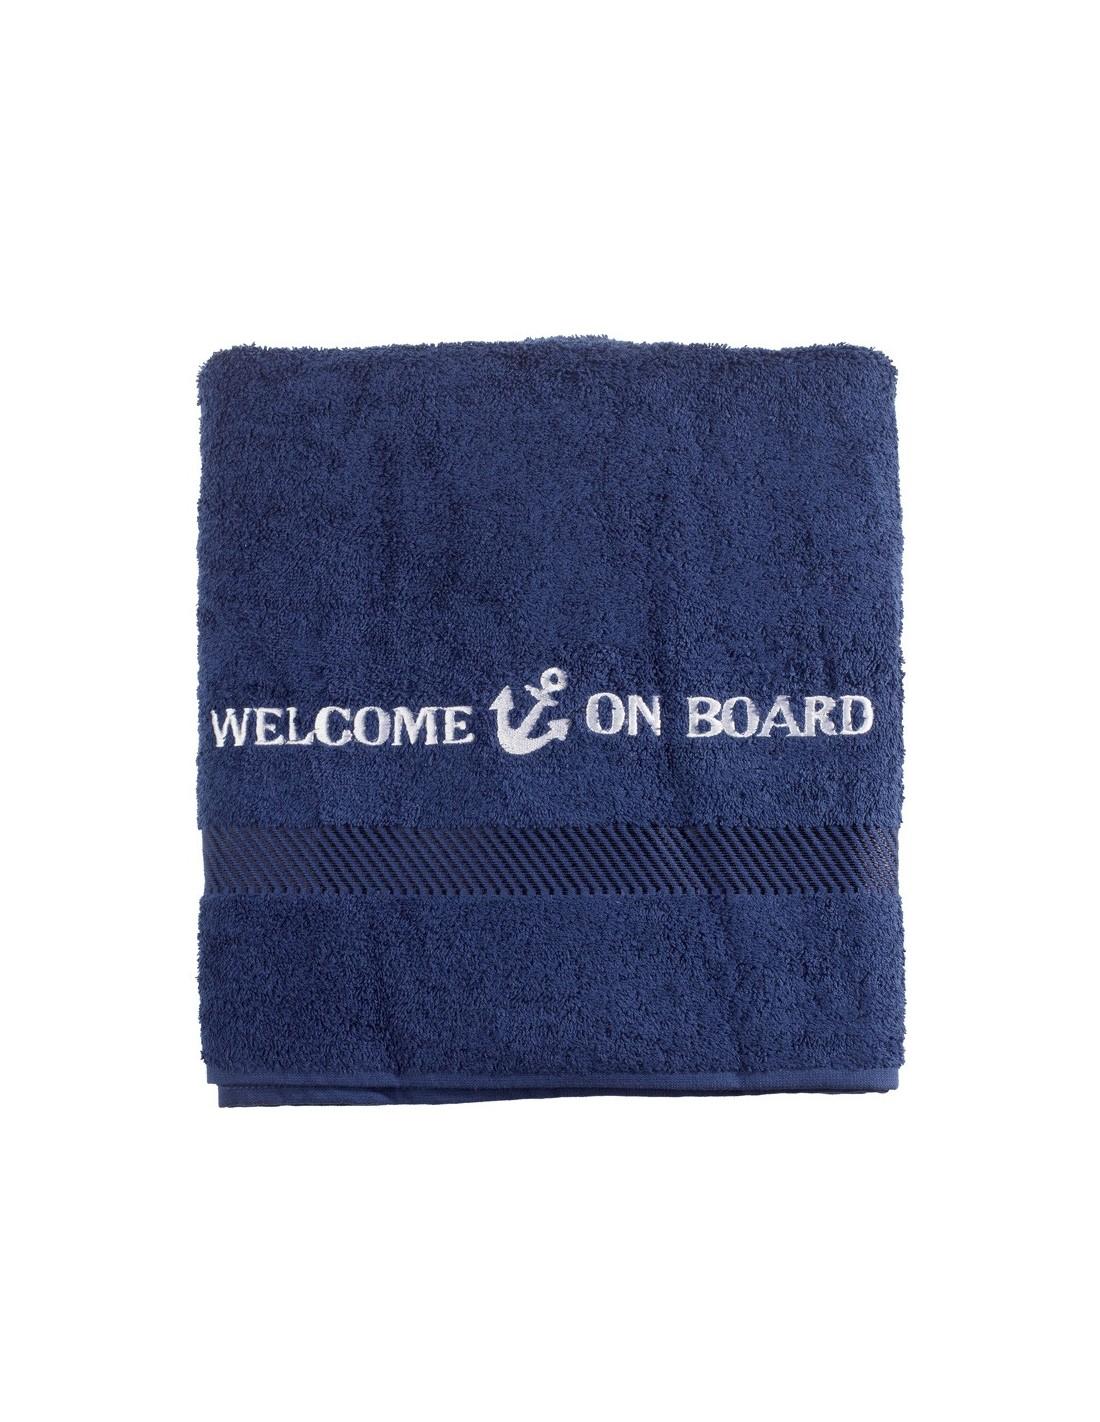 Badlaken - Navy - 70 x 140 cm - Welcome On Board - Textiel - 10149803